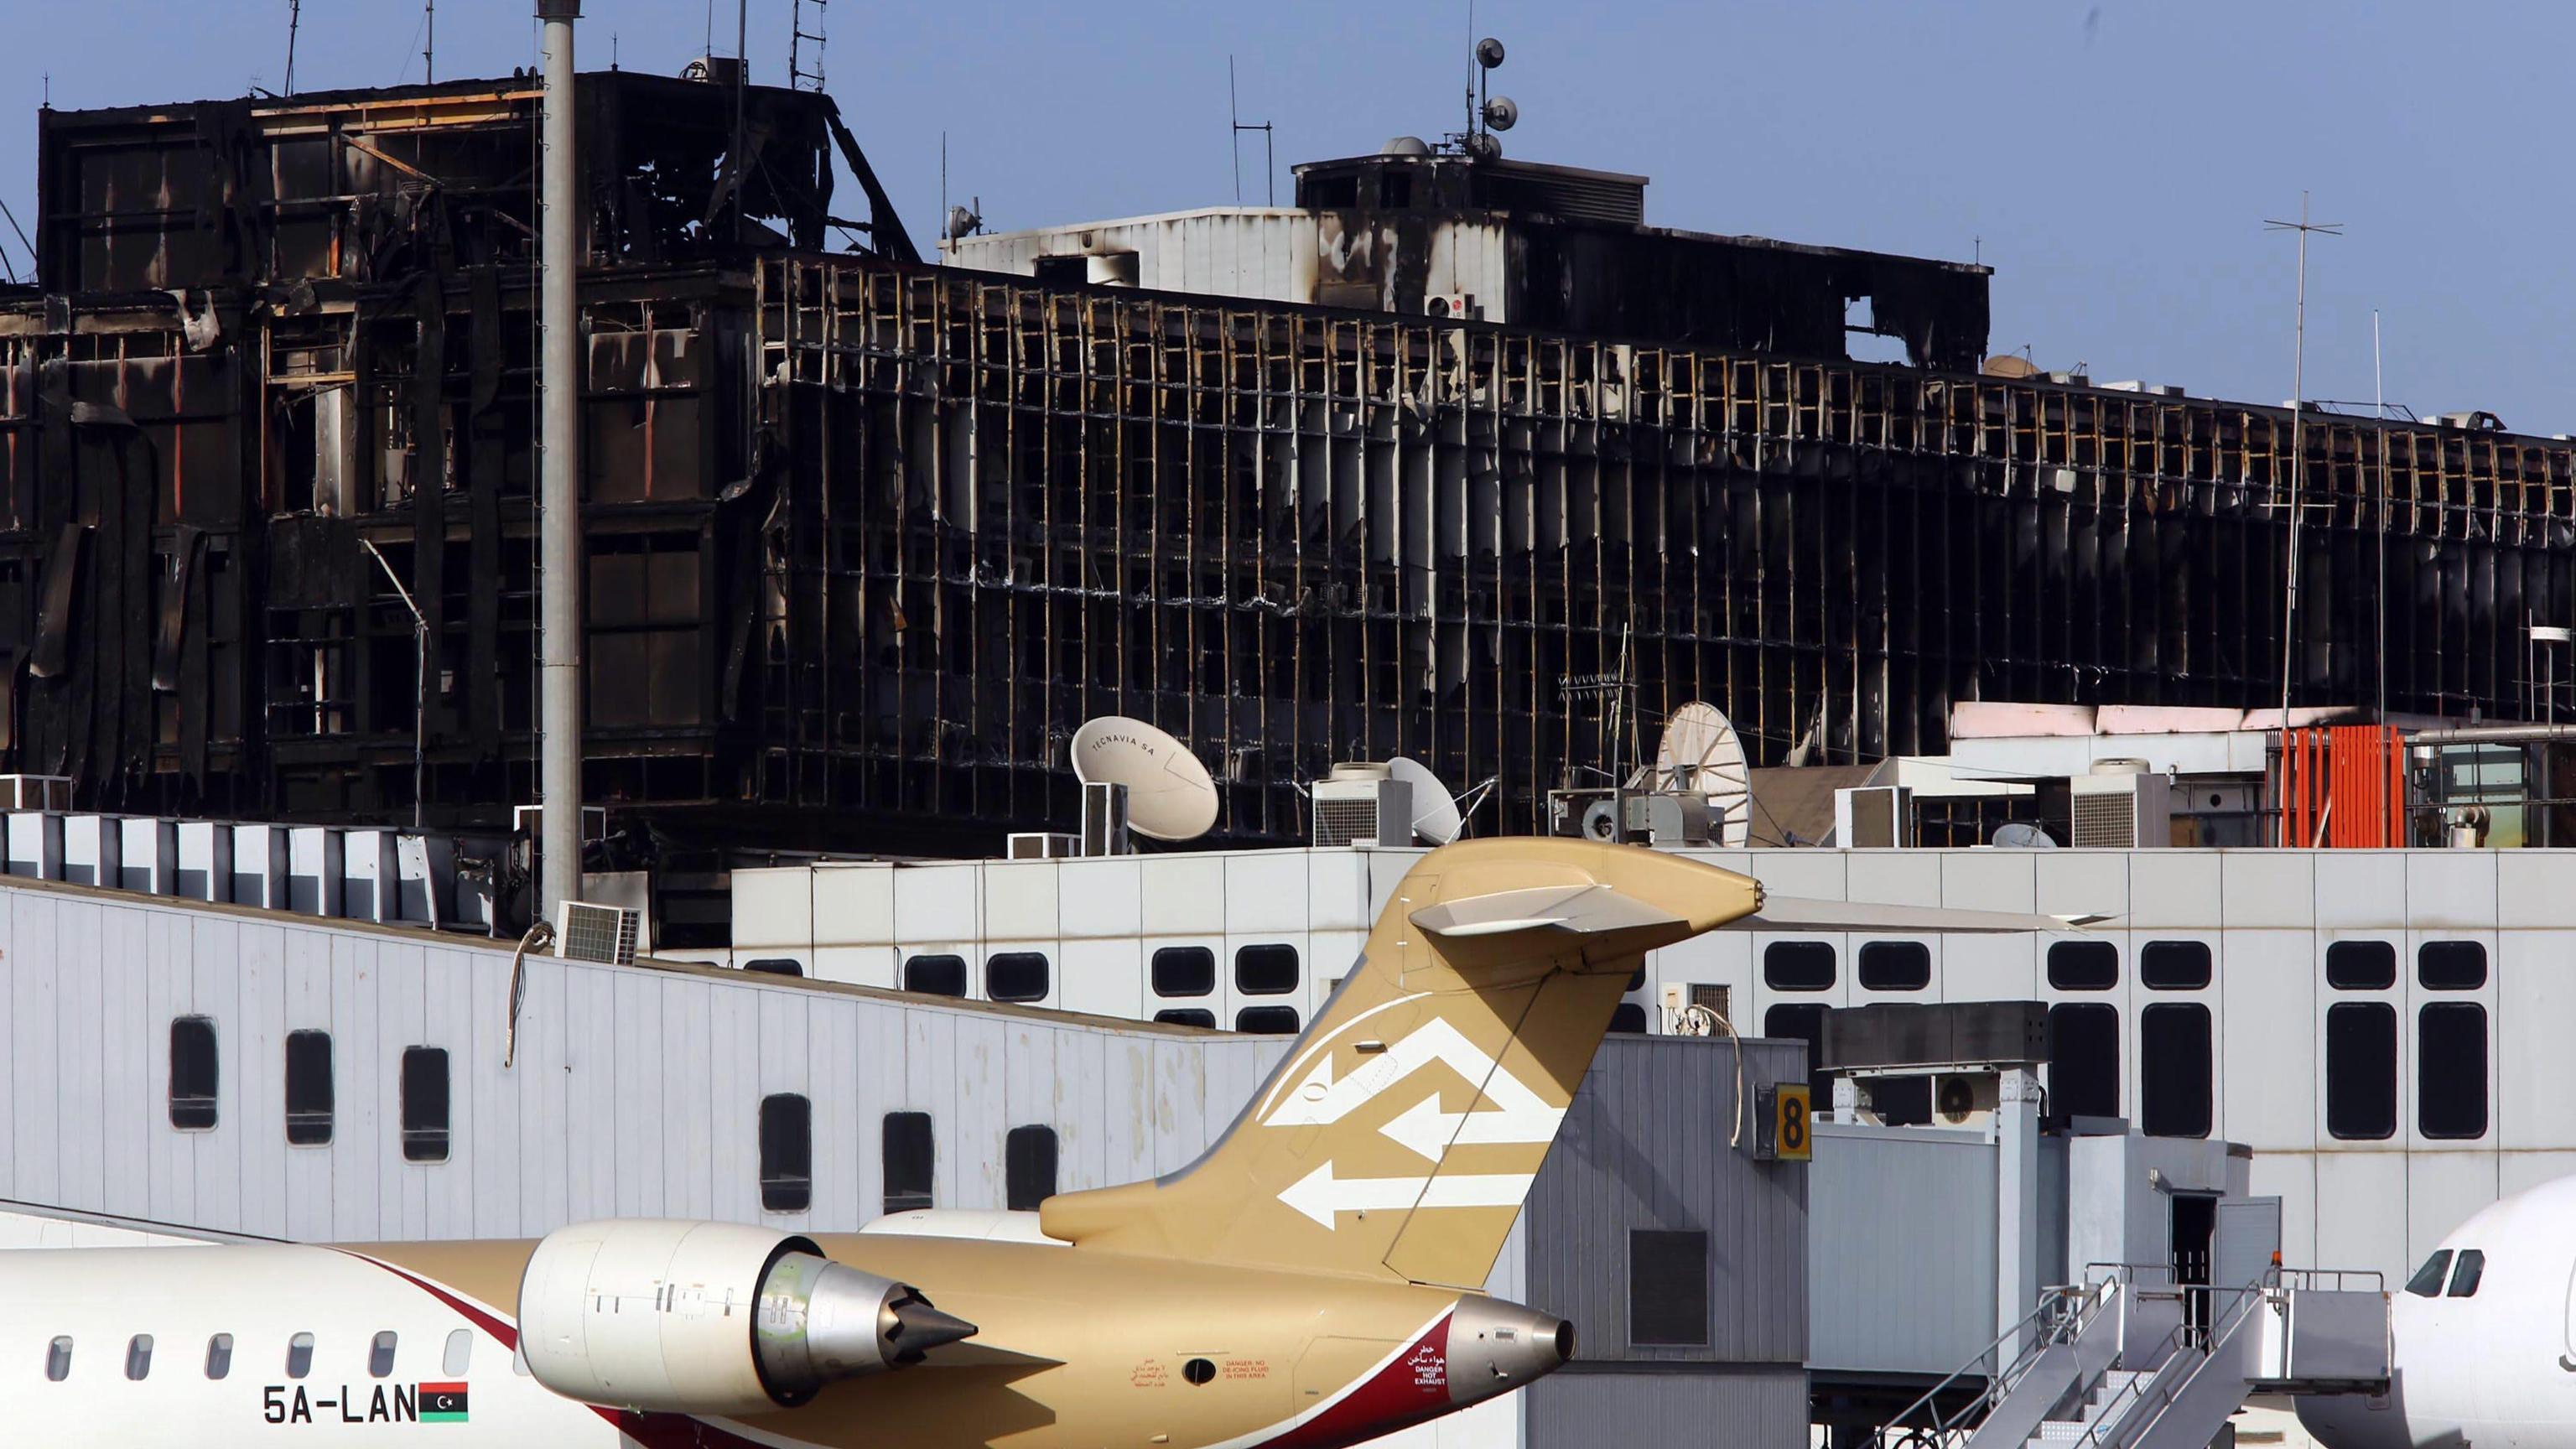 Libia: stato emergenza a scalo Tripoli